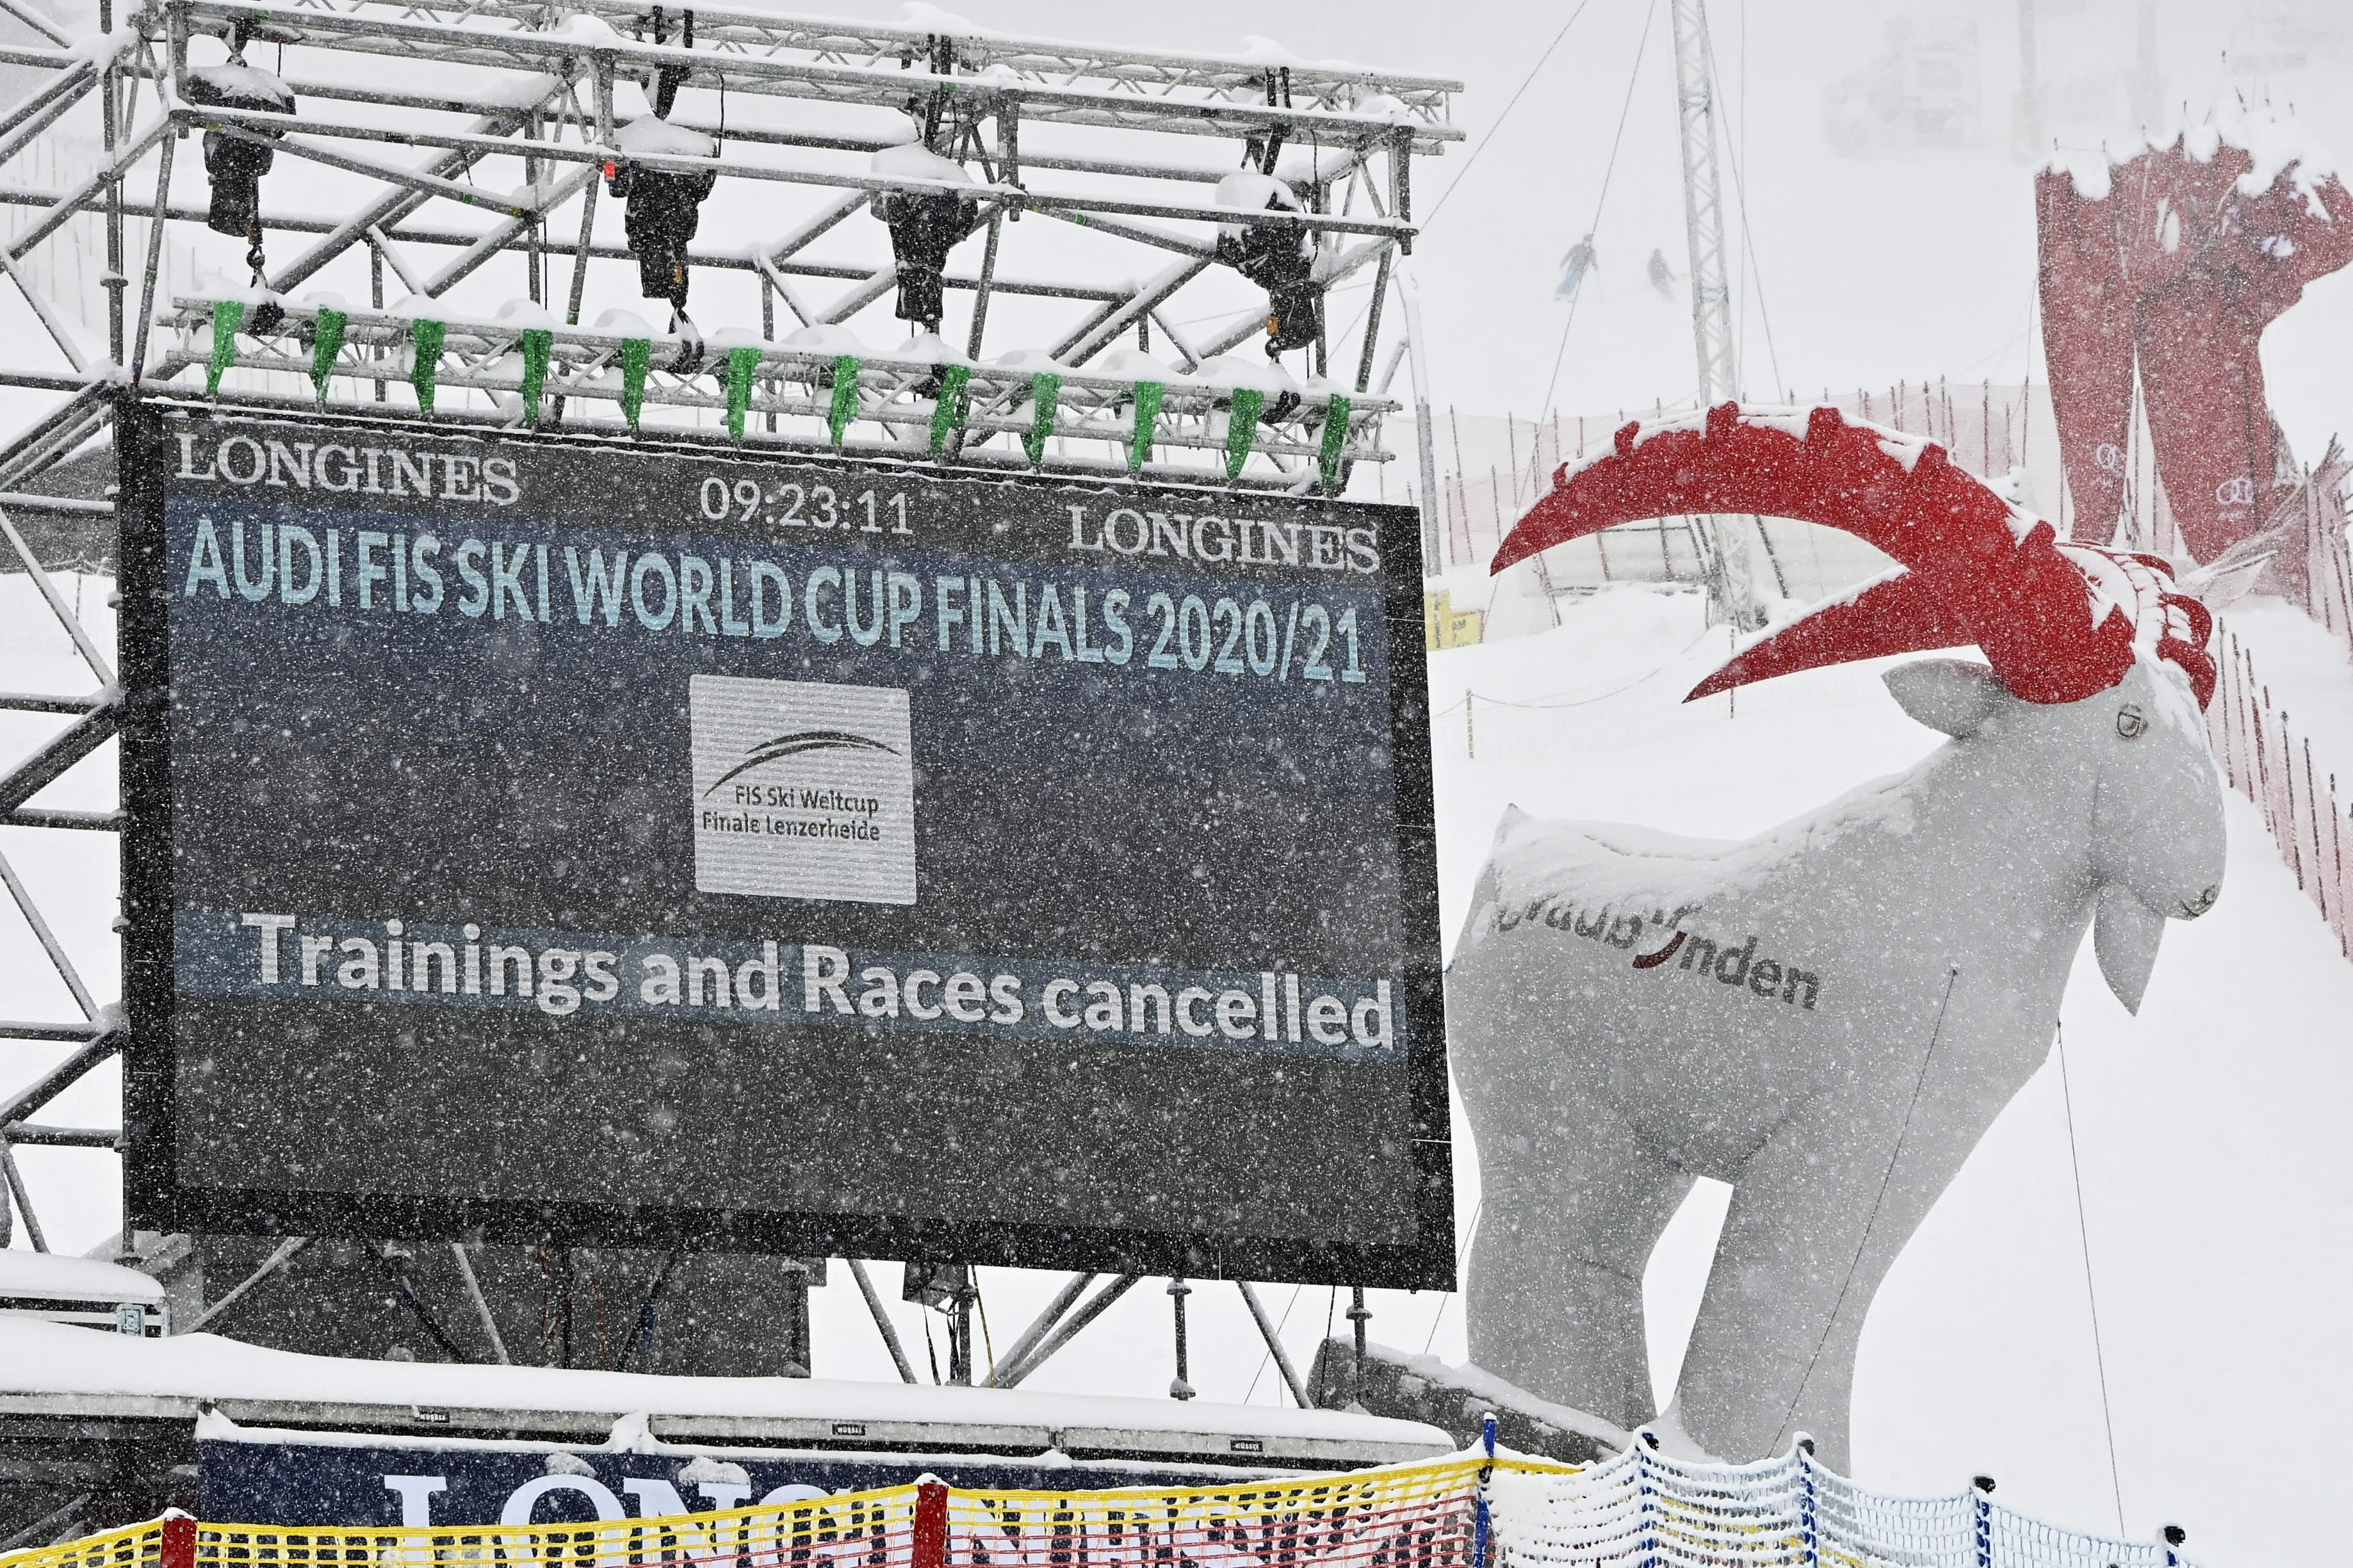 Kova lumisade ja tuuli johtivat alppihiihdon maailmancupin finaalien syöksylaskukilpailujen perumiseen Sveitsin Lenzerheidessa.